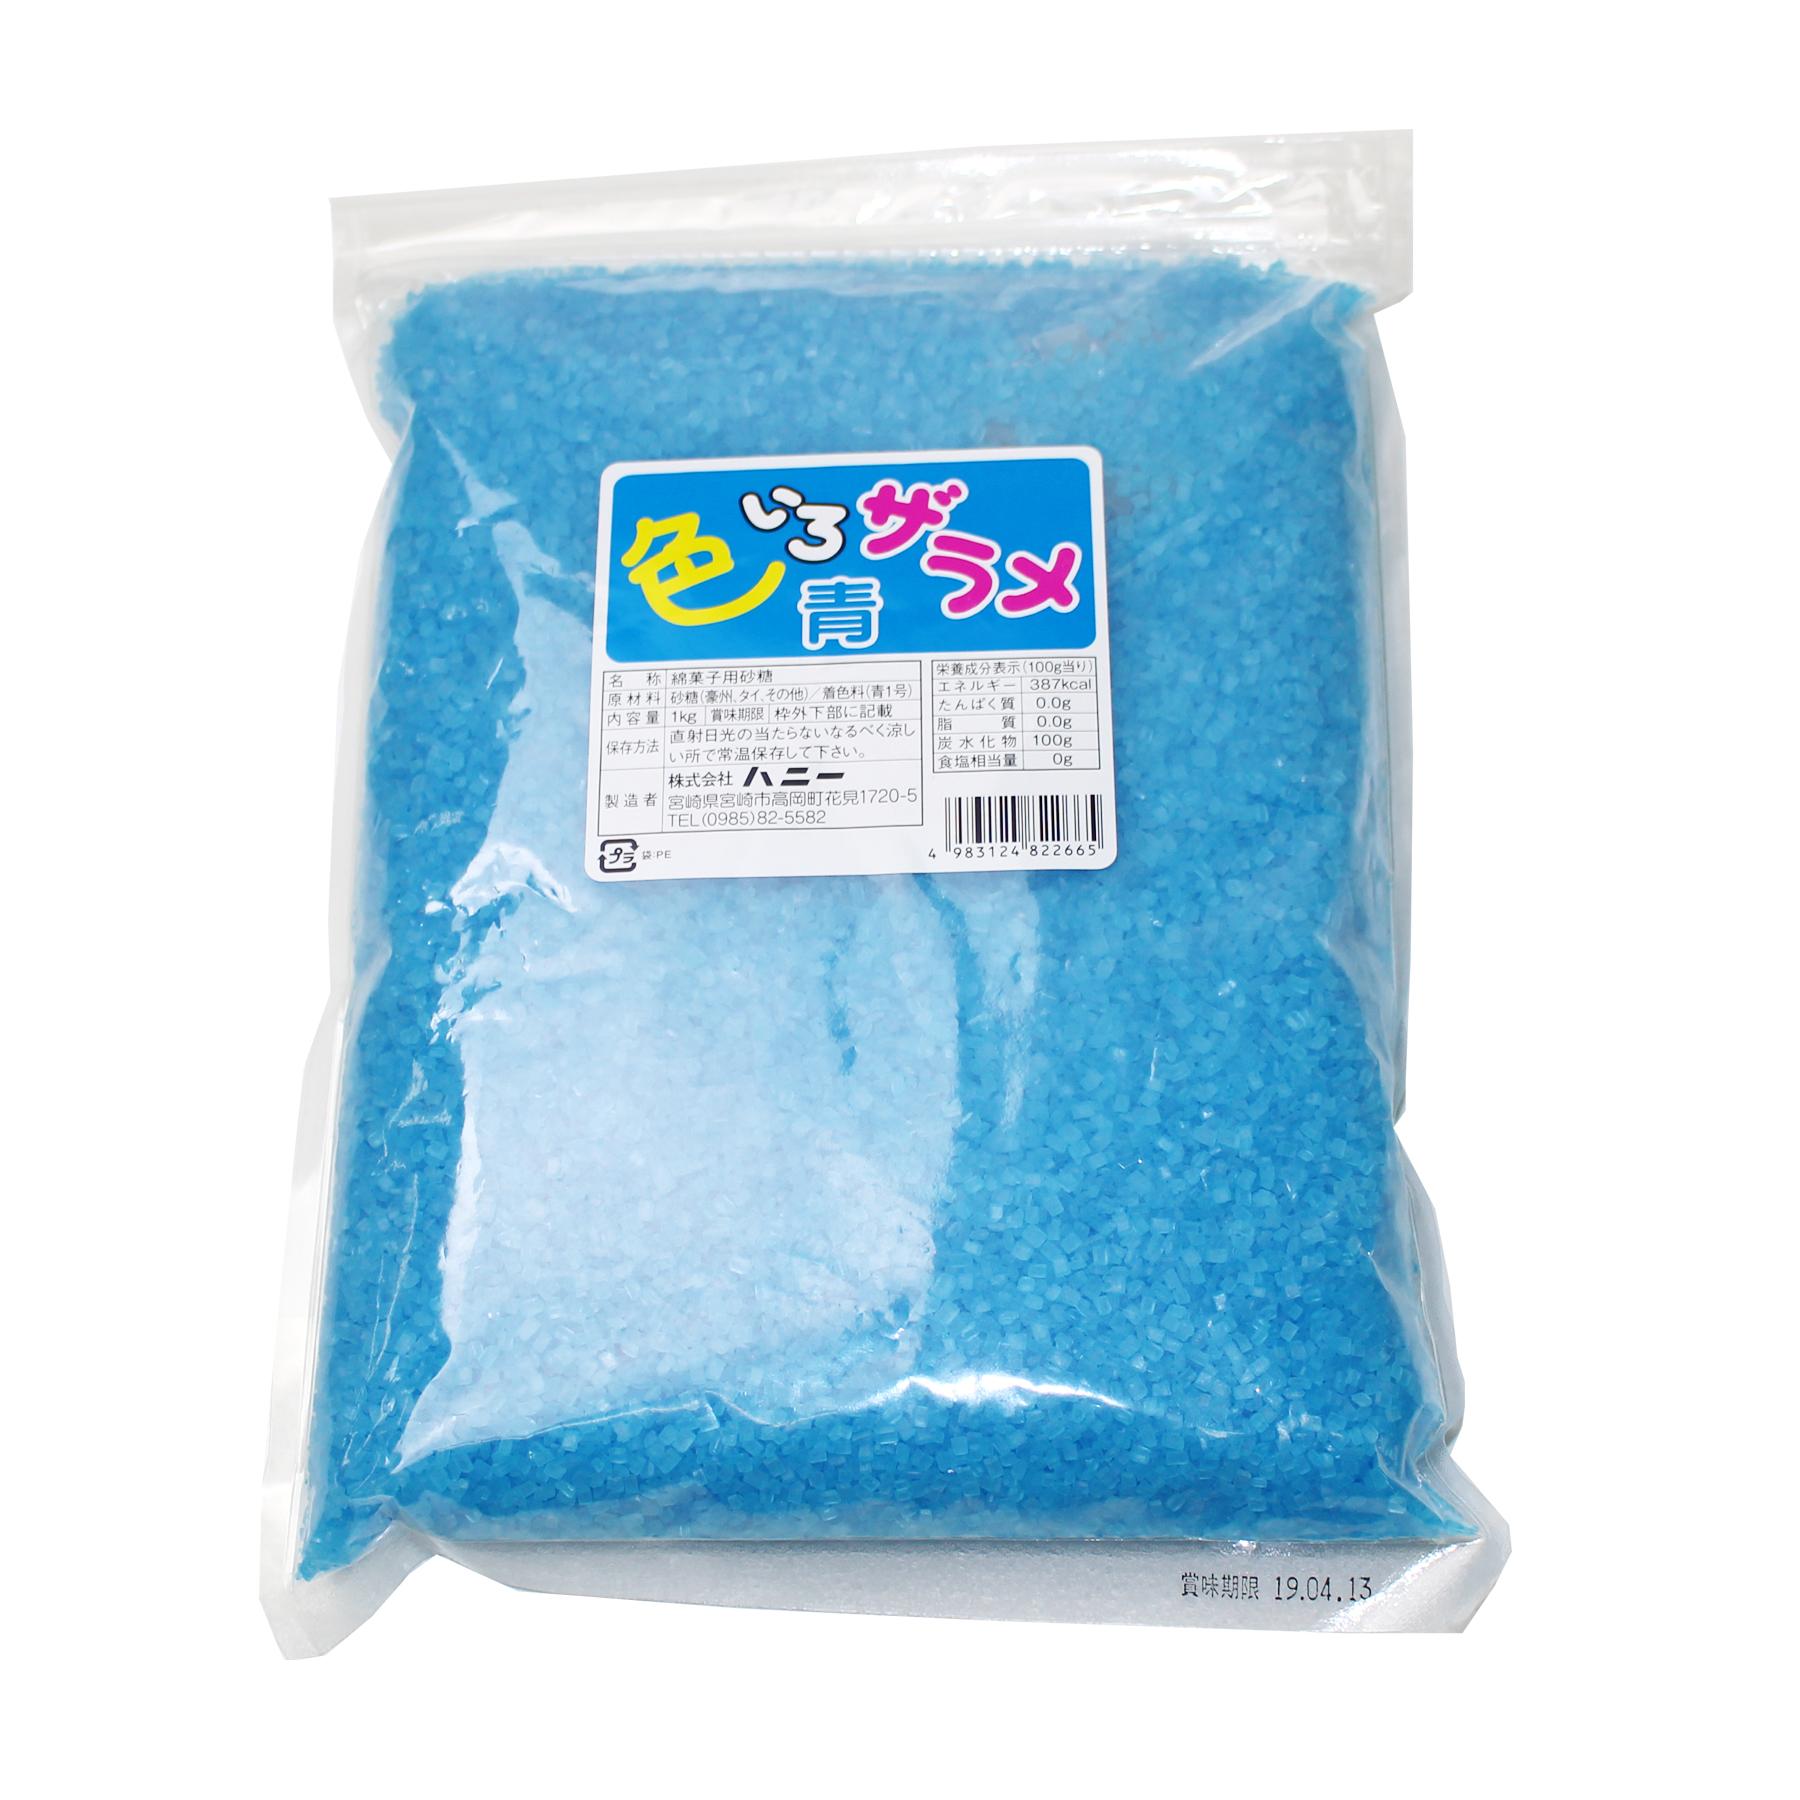 綿菓子(わたがし)材料 青ザラメ 1kg